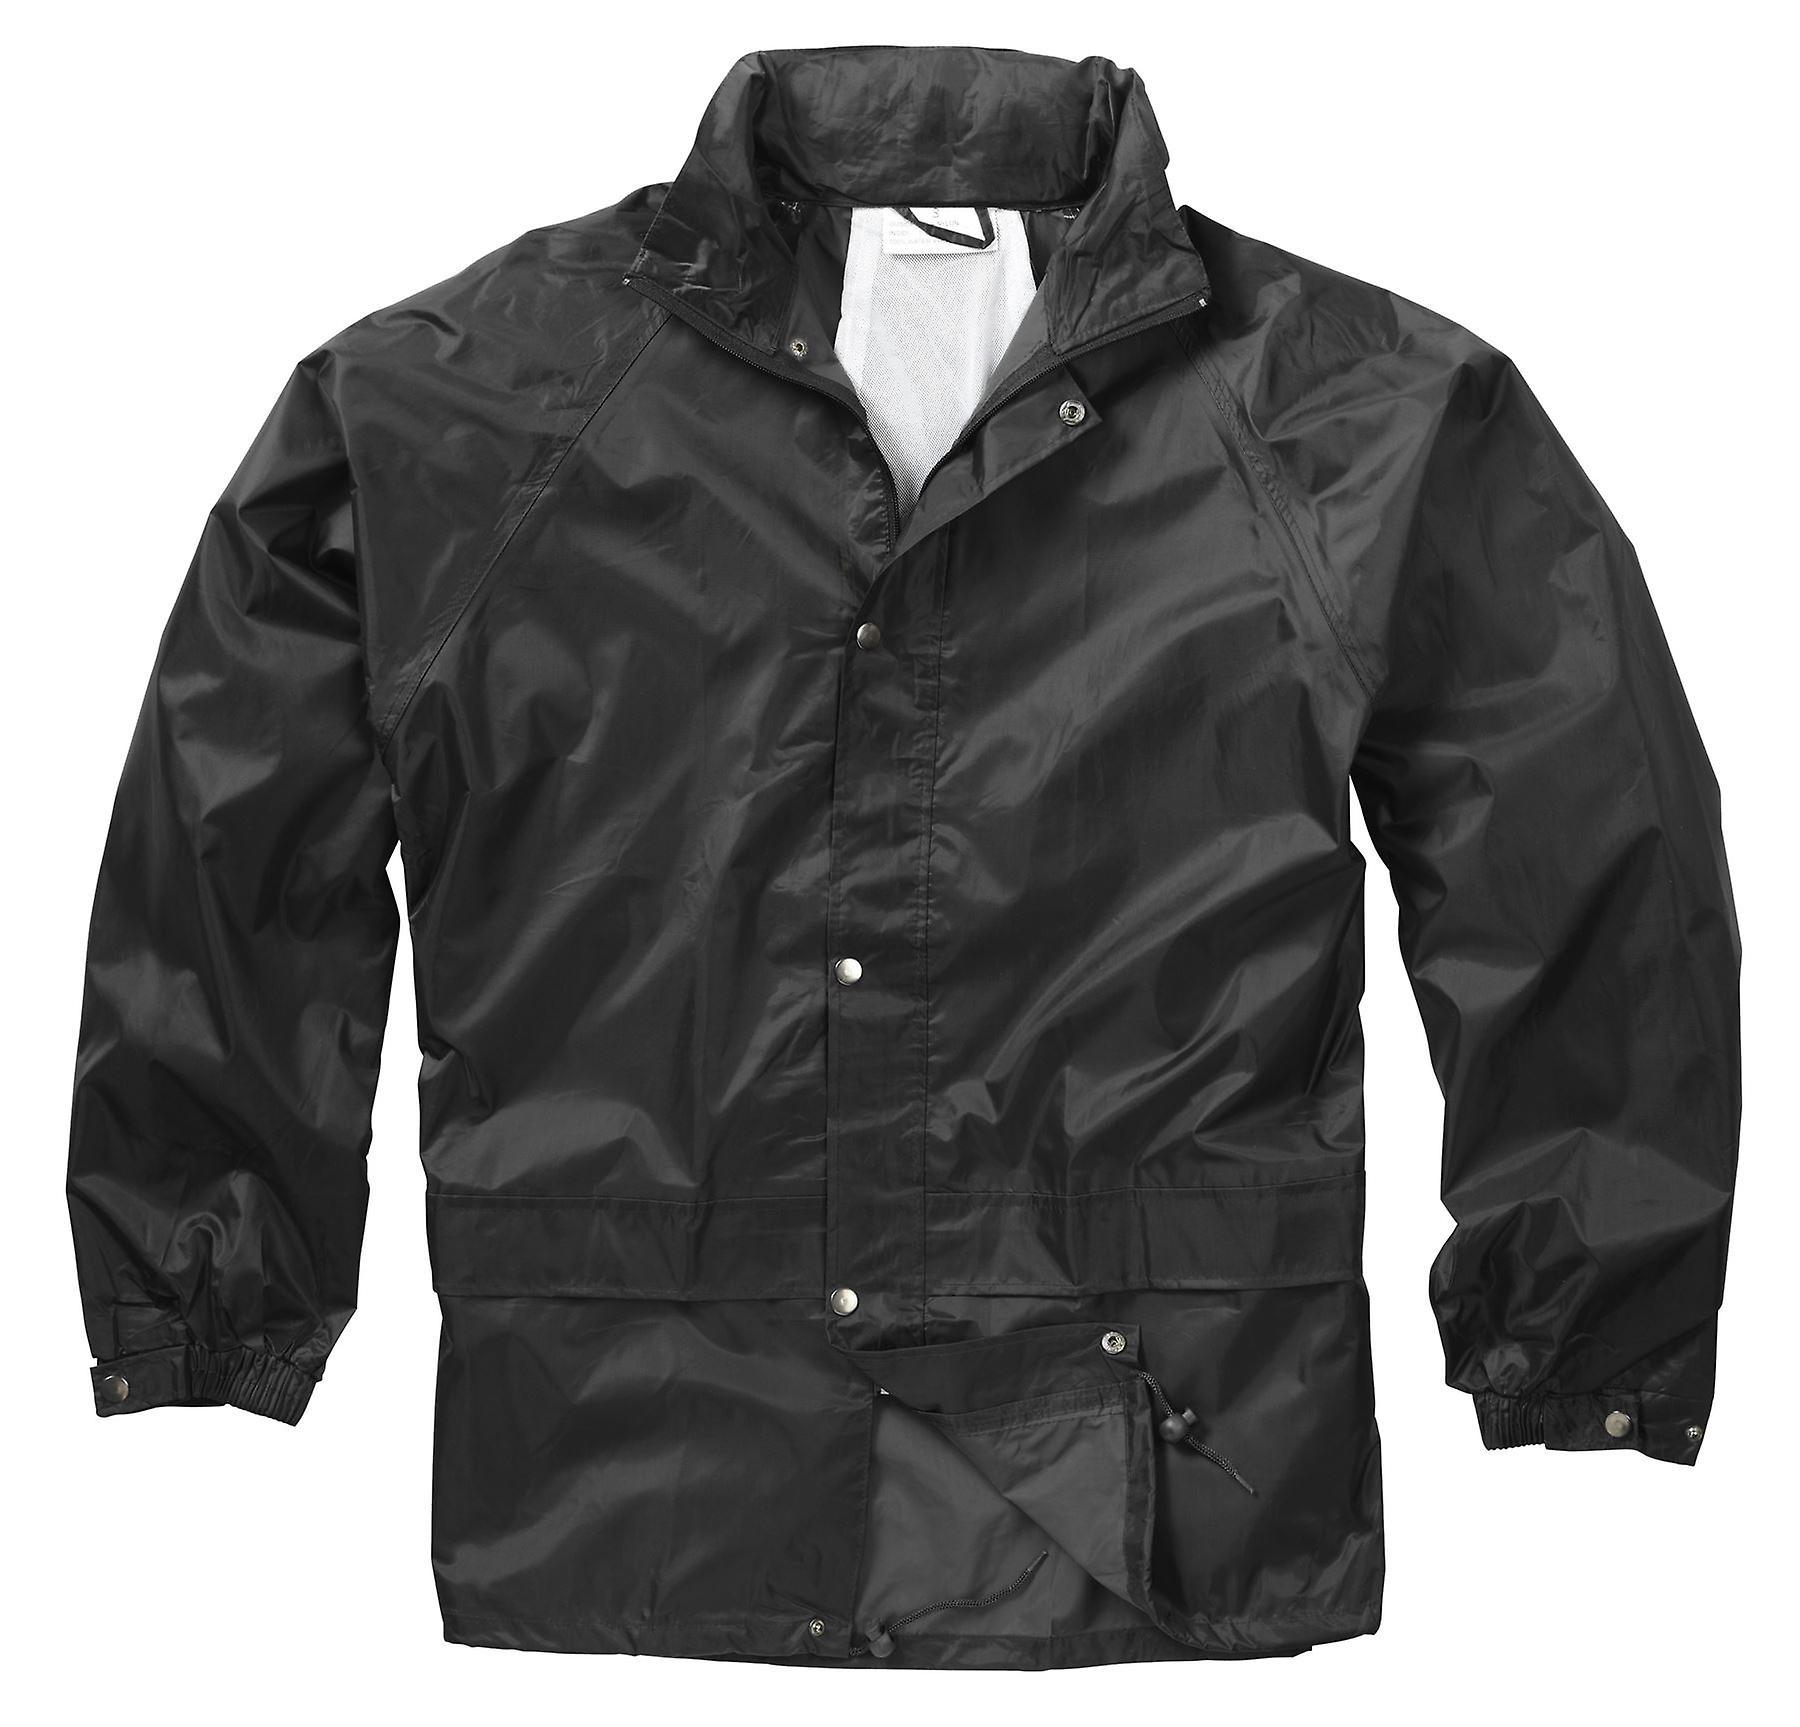 Brand New 100% Waterproof Suit